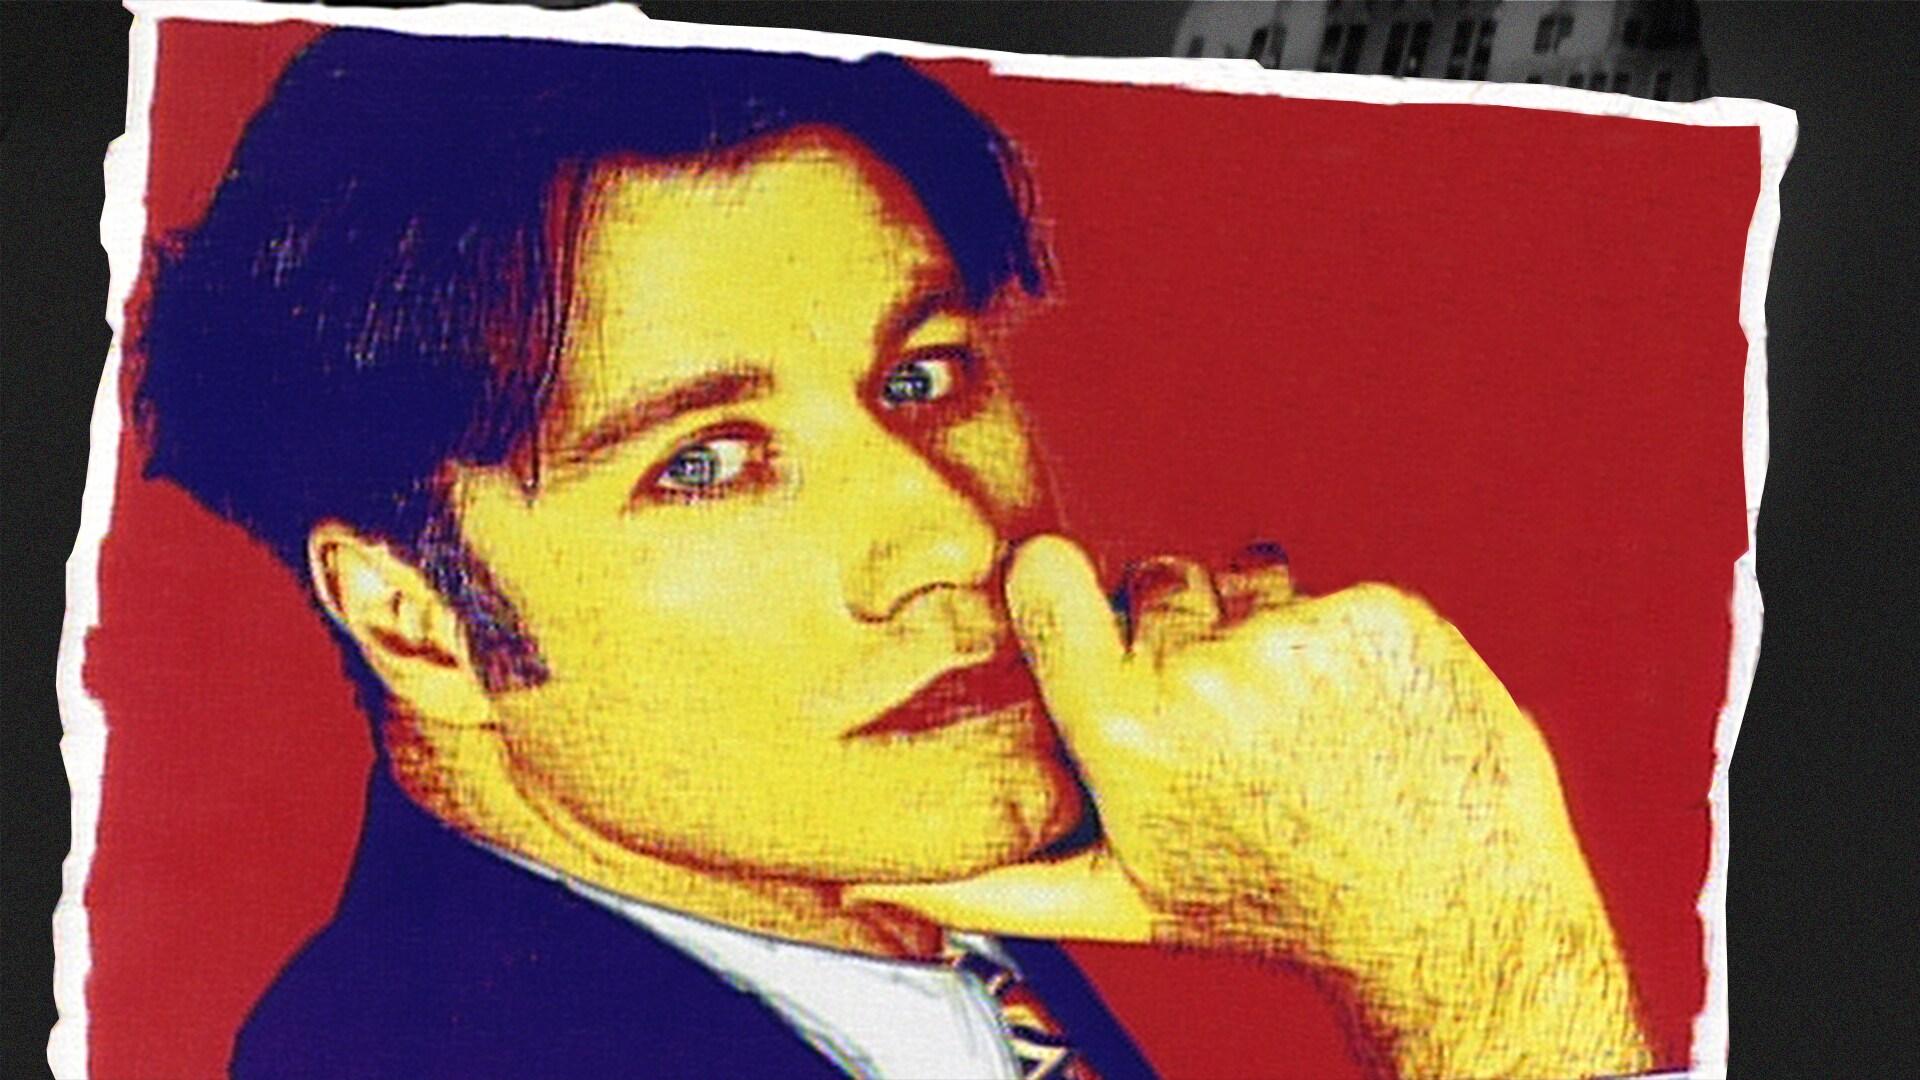 John Travolta: October 15, 1994